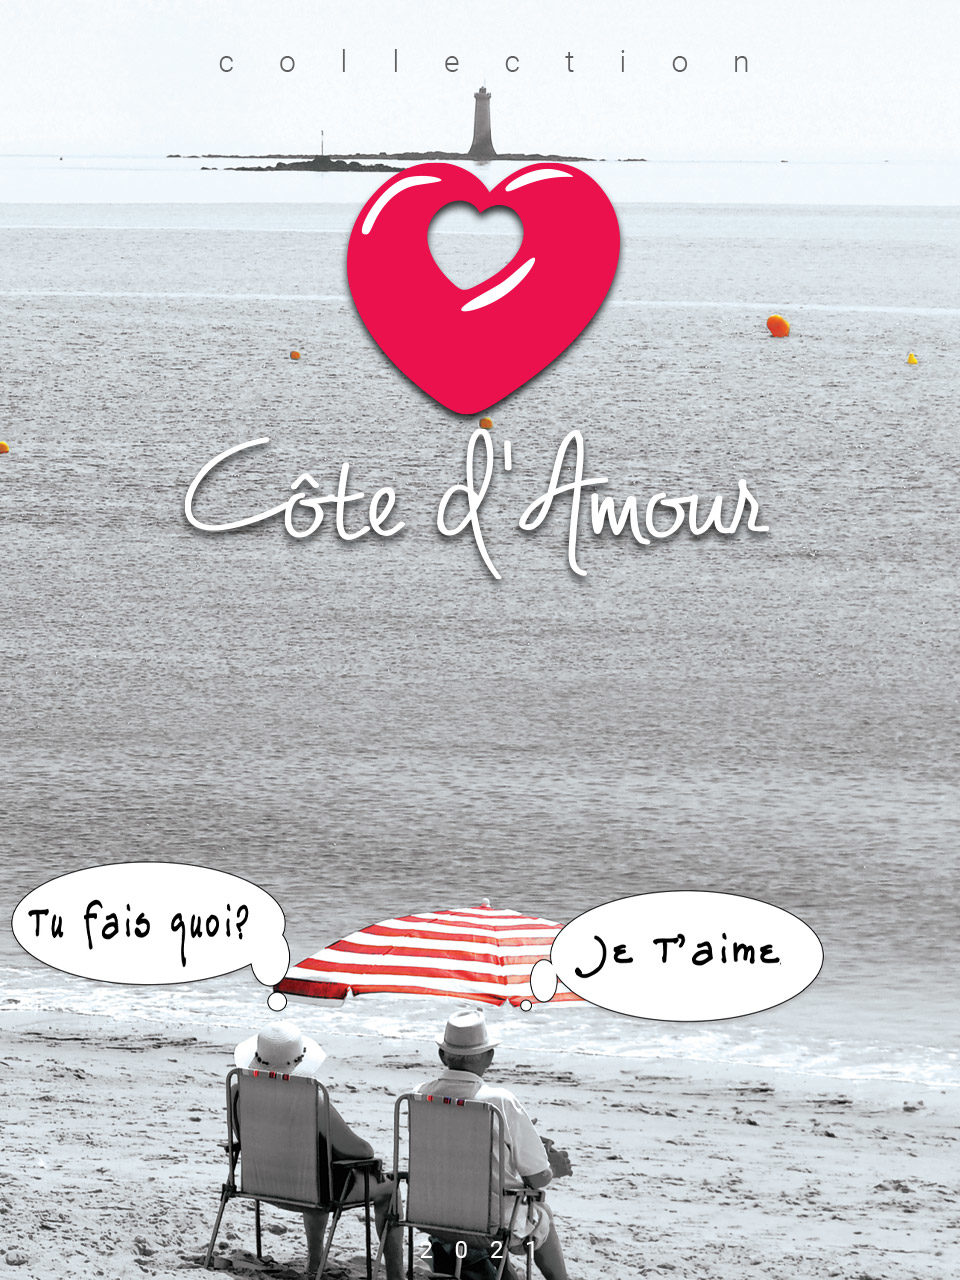 CÔTE D'AMOUR